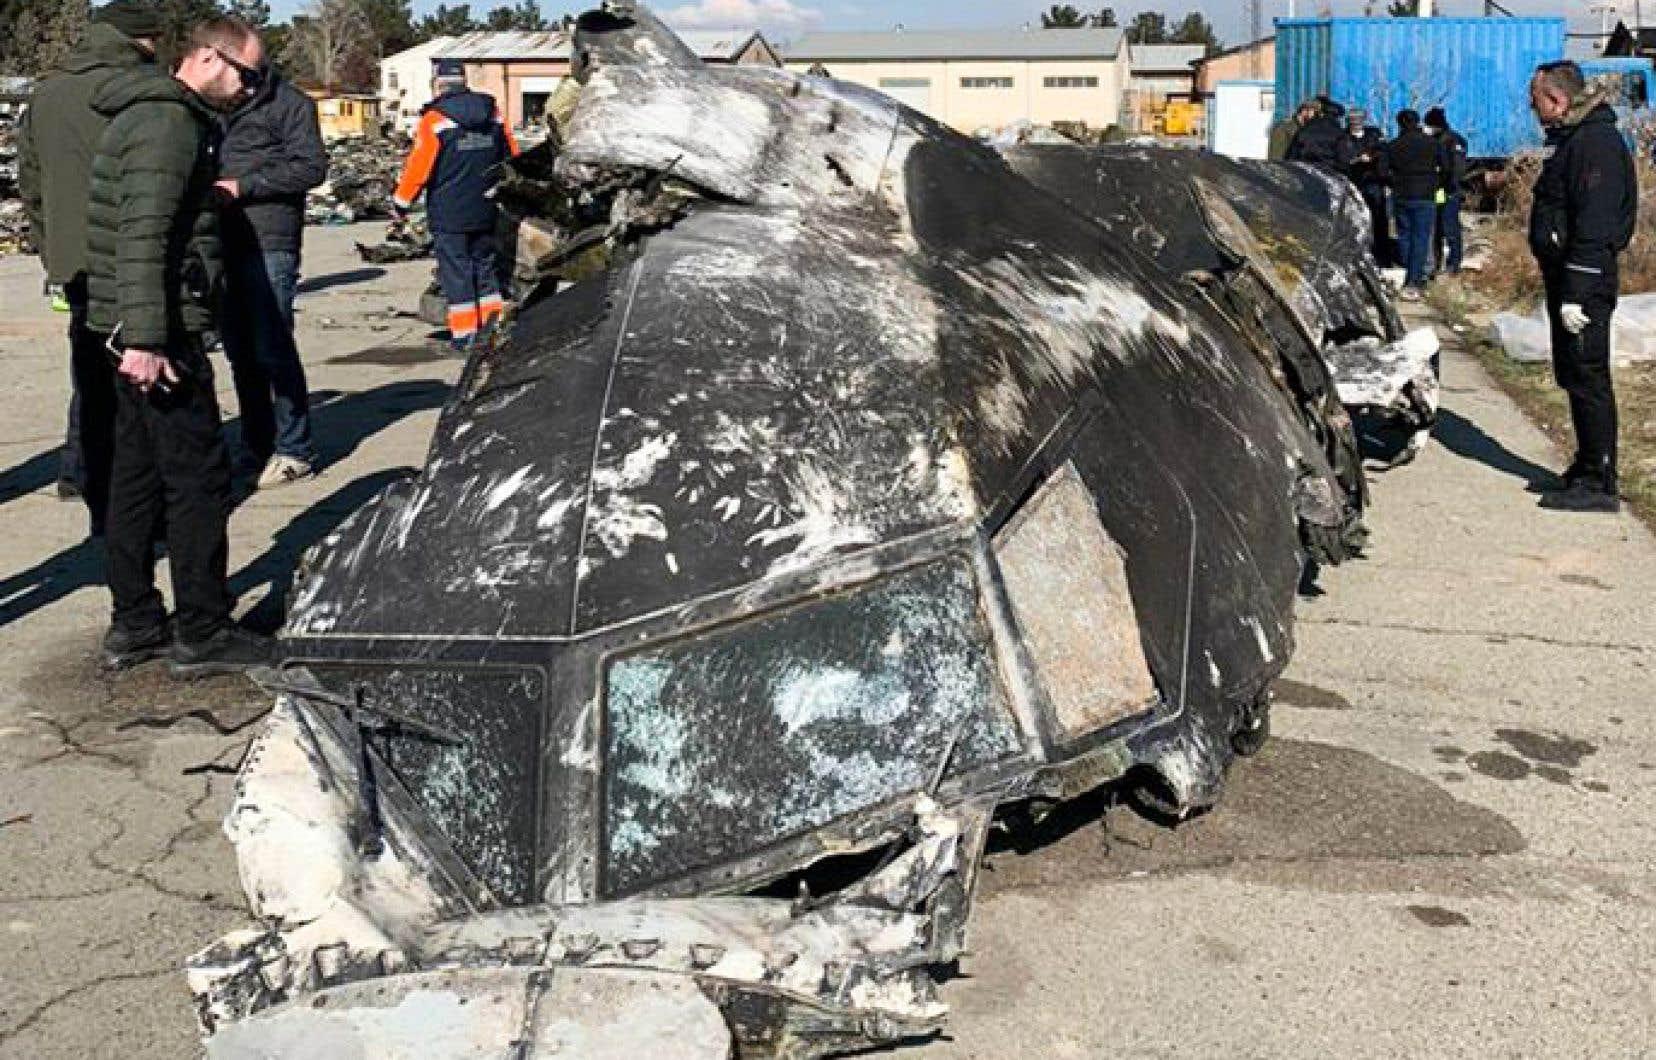 Des personnes analysent les fragments et les restes de l'avion Boeing 737-800 d'Ukraine International Airlines qui s'est écrasé à l'extérieur de Téhéran, le 8 janvier 2020.